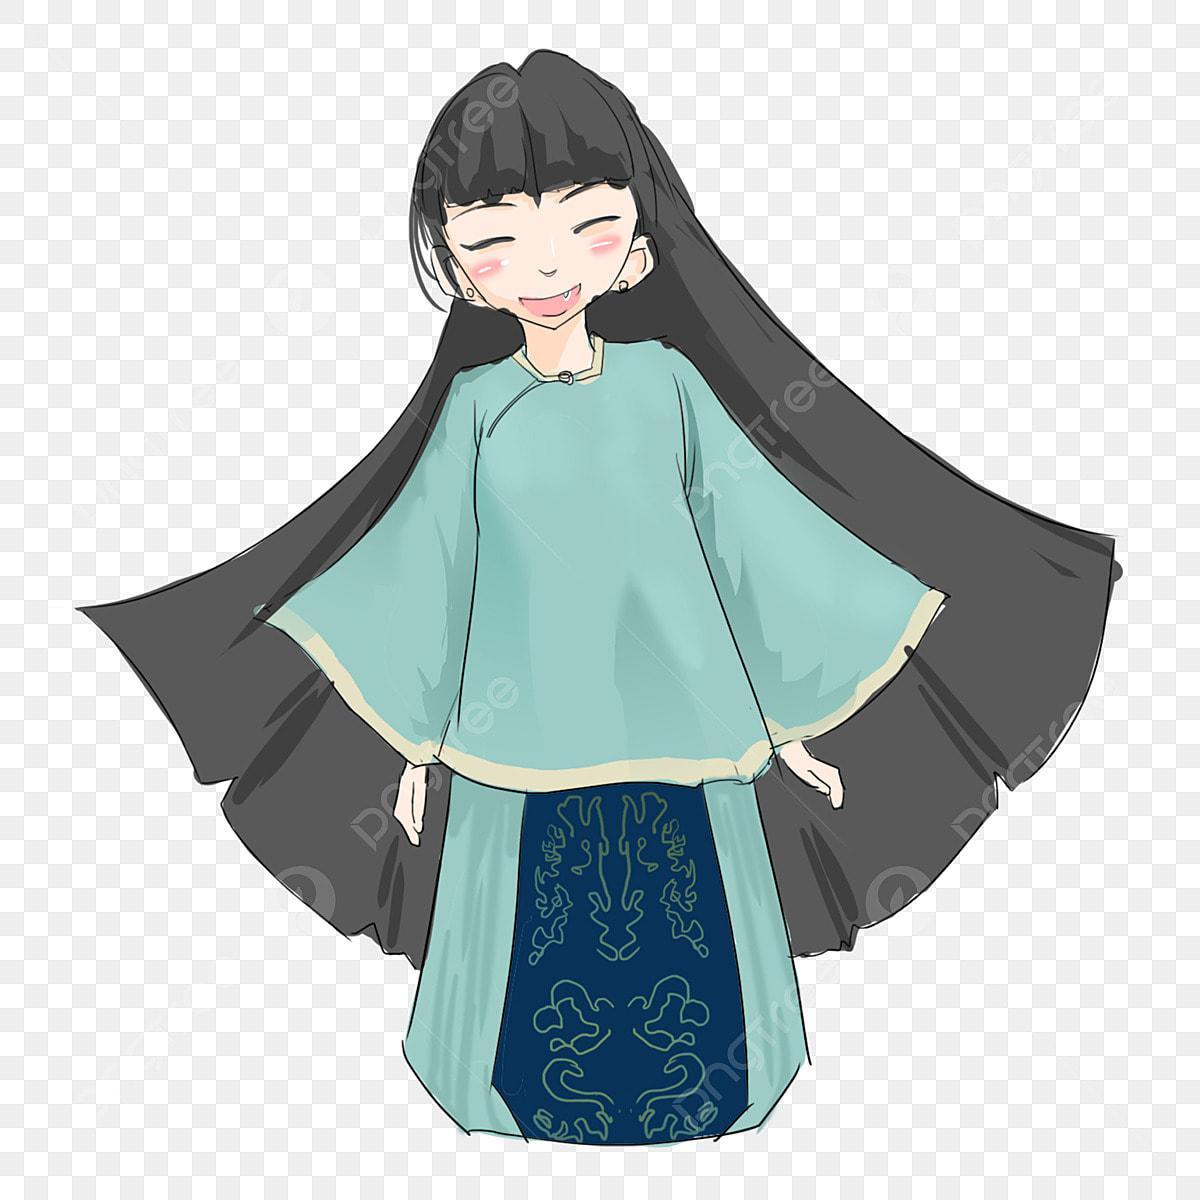 Gambar Kartun Wanita Rambut Panjang Gambar Kartun Kecantikan Berambut Panjang Kecantikan Berambut Panjang Republik China Pakaian Biru Wanita Panjang Wanita Png Dan Psd Untuk Muat Turun Percuma